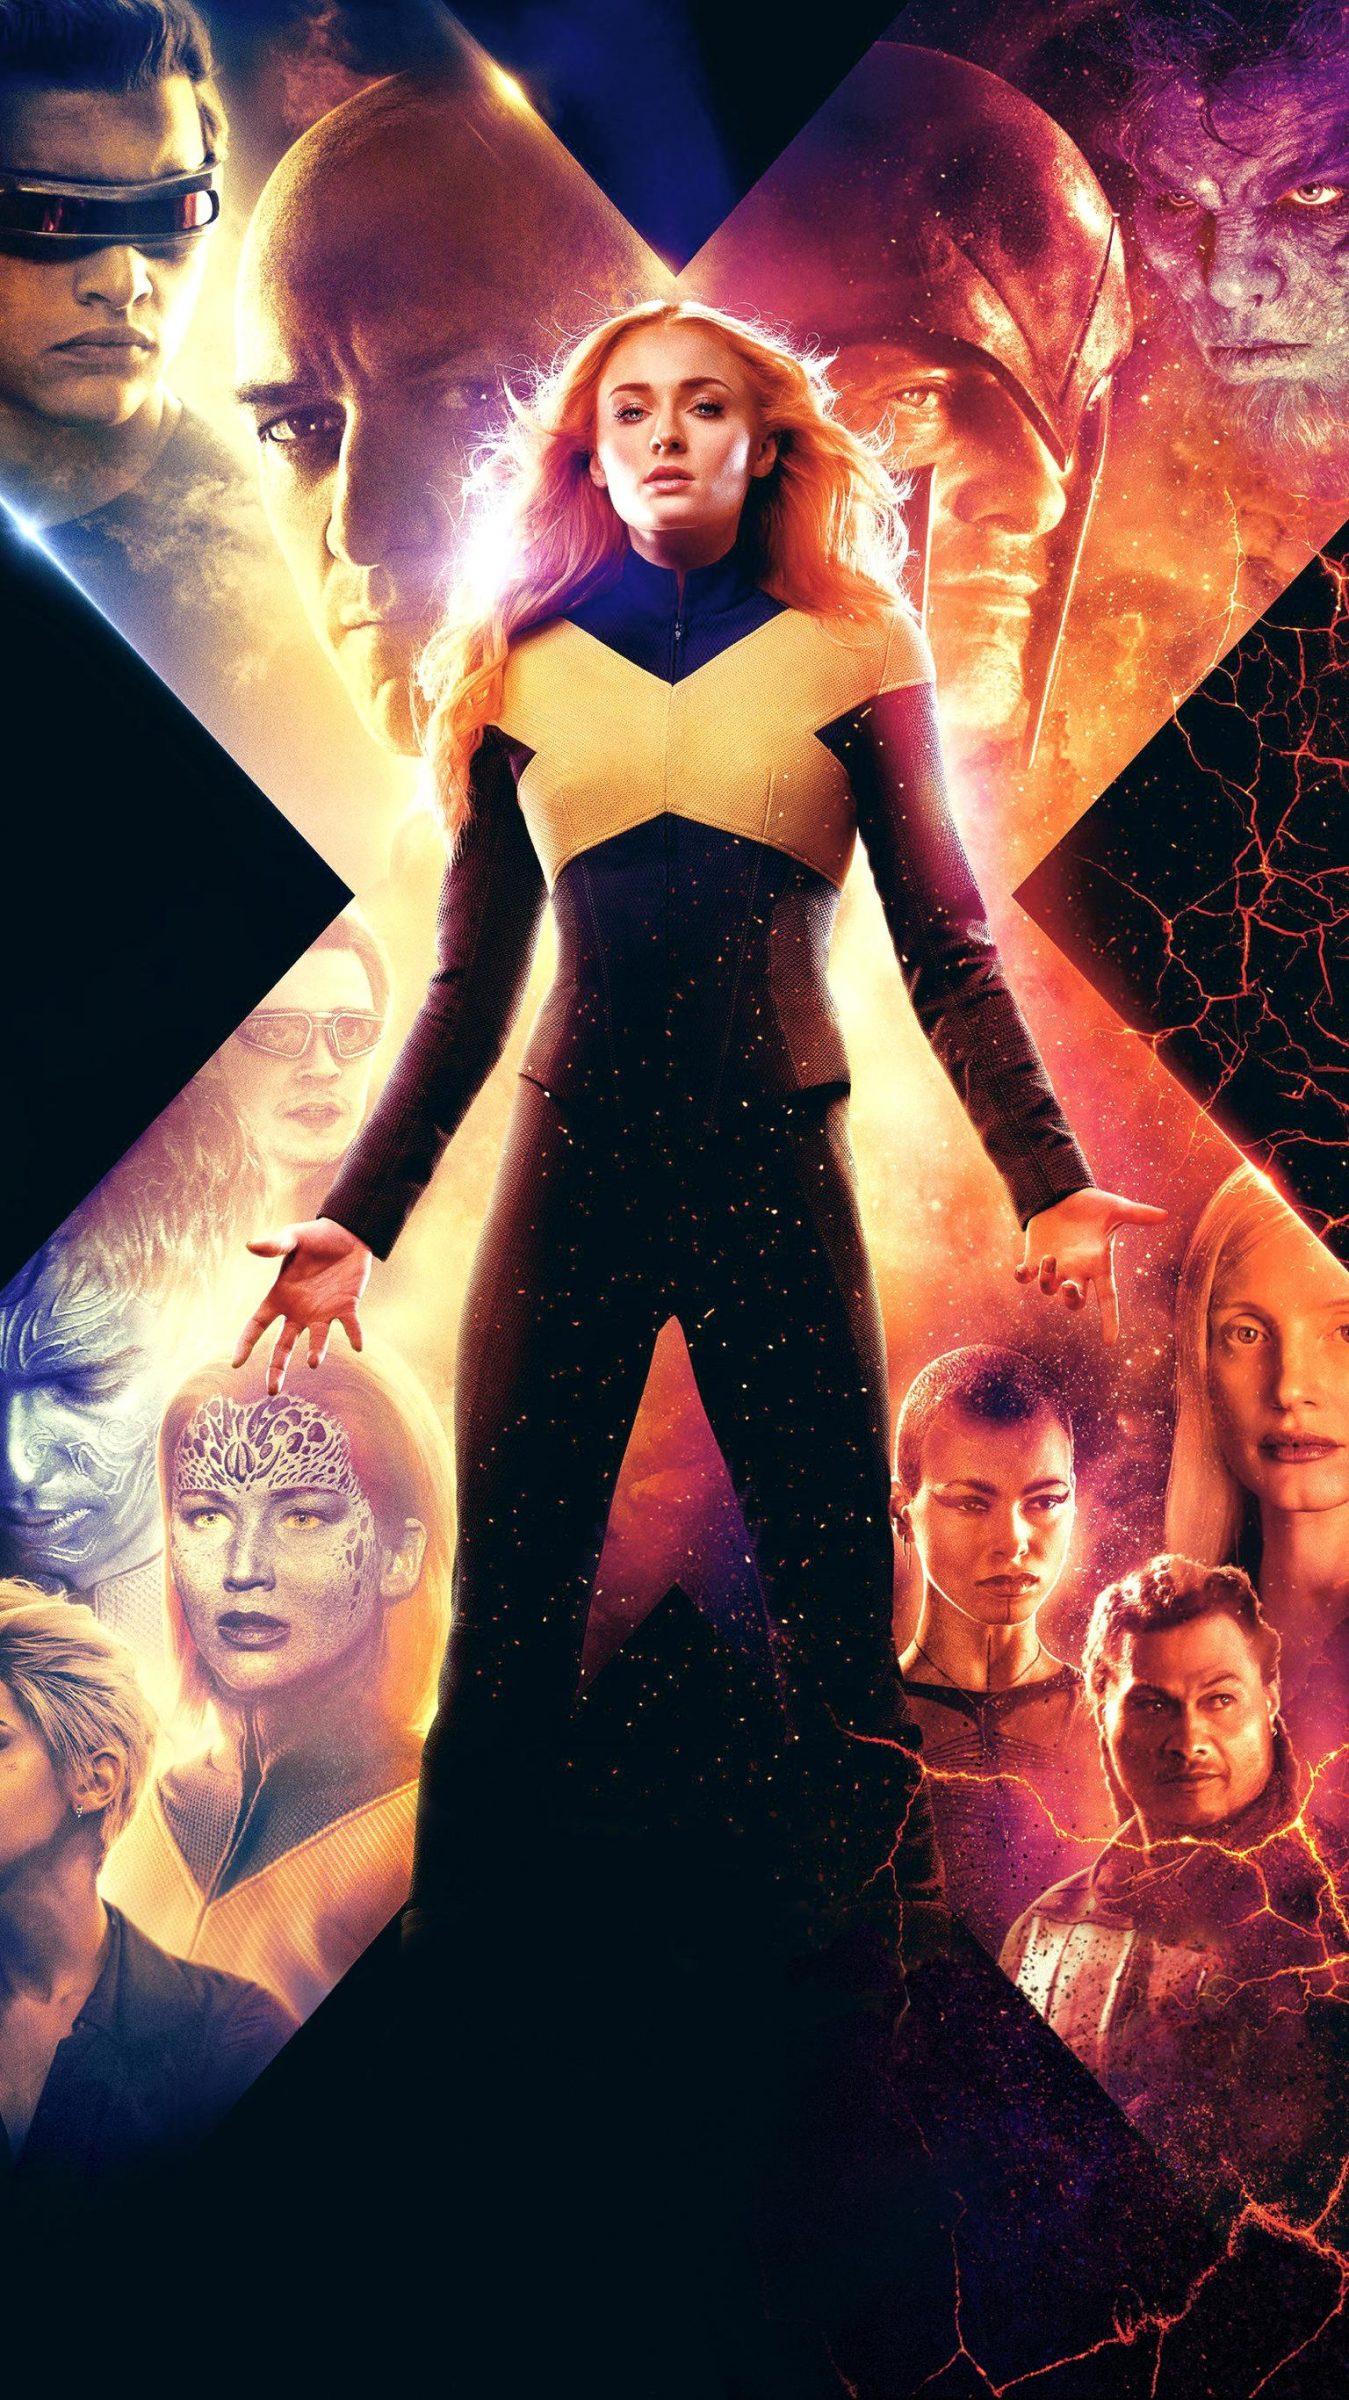 X Men Dark Phoenix Hd Wallpapers 7wallpapers Net